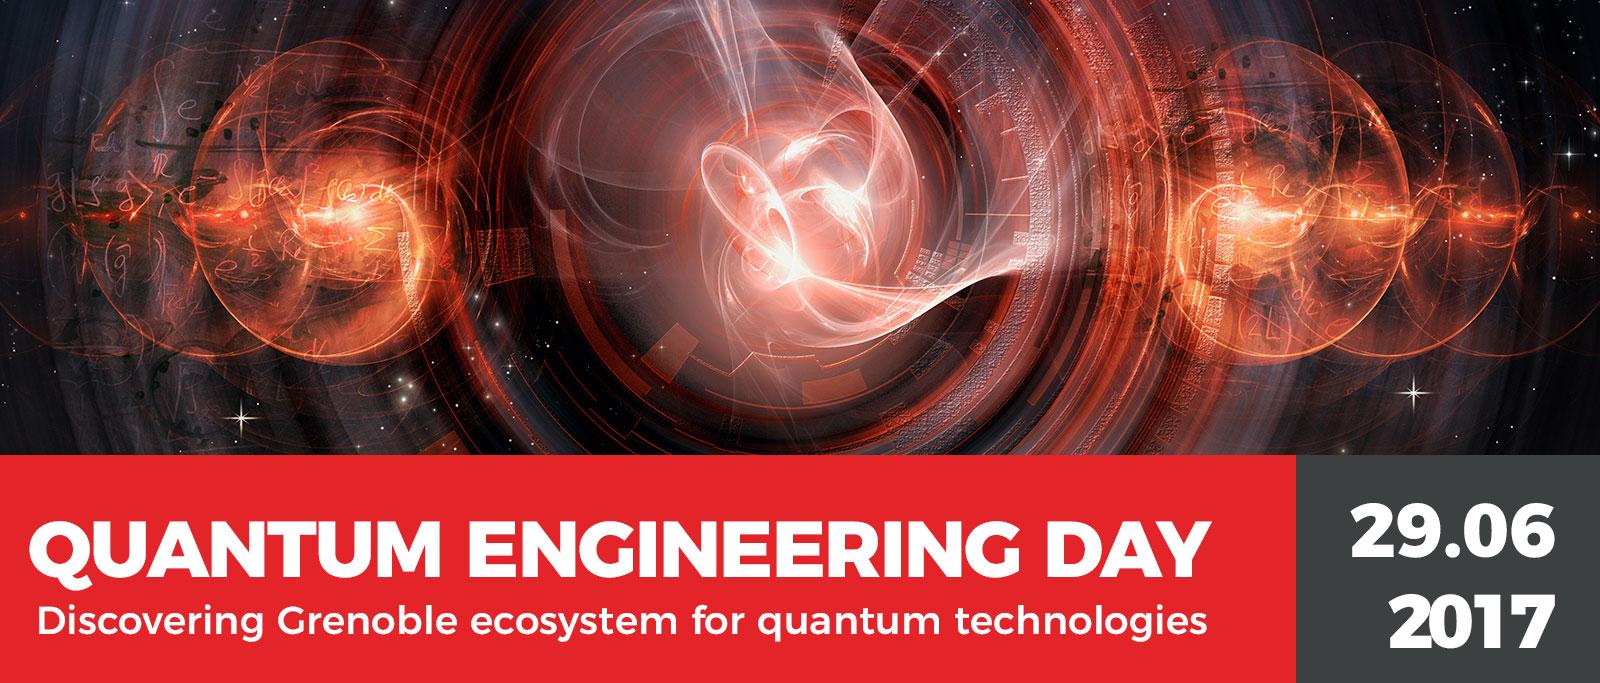 Quantum Engineering Day